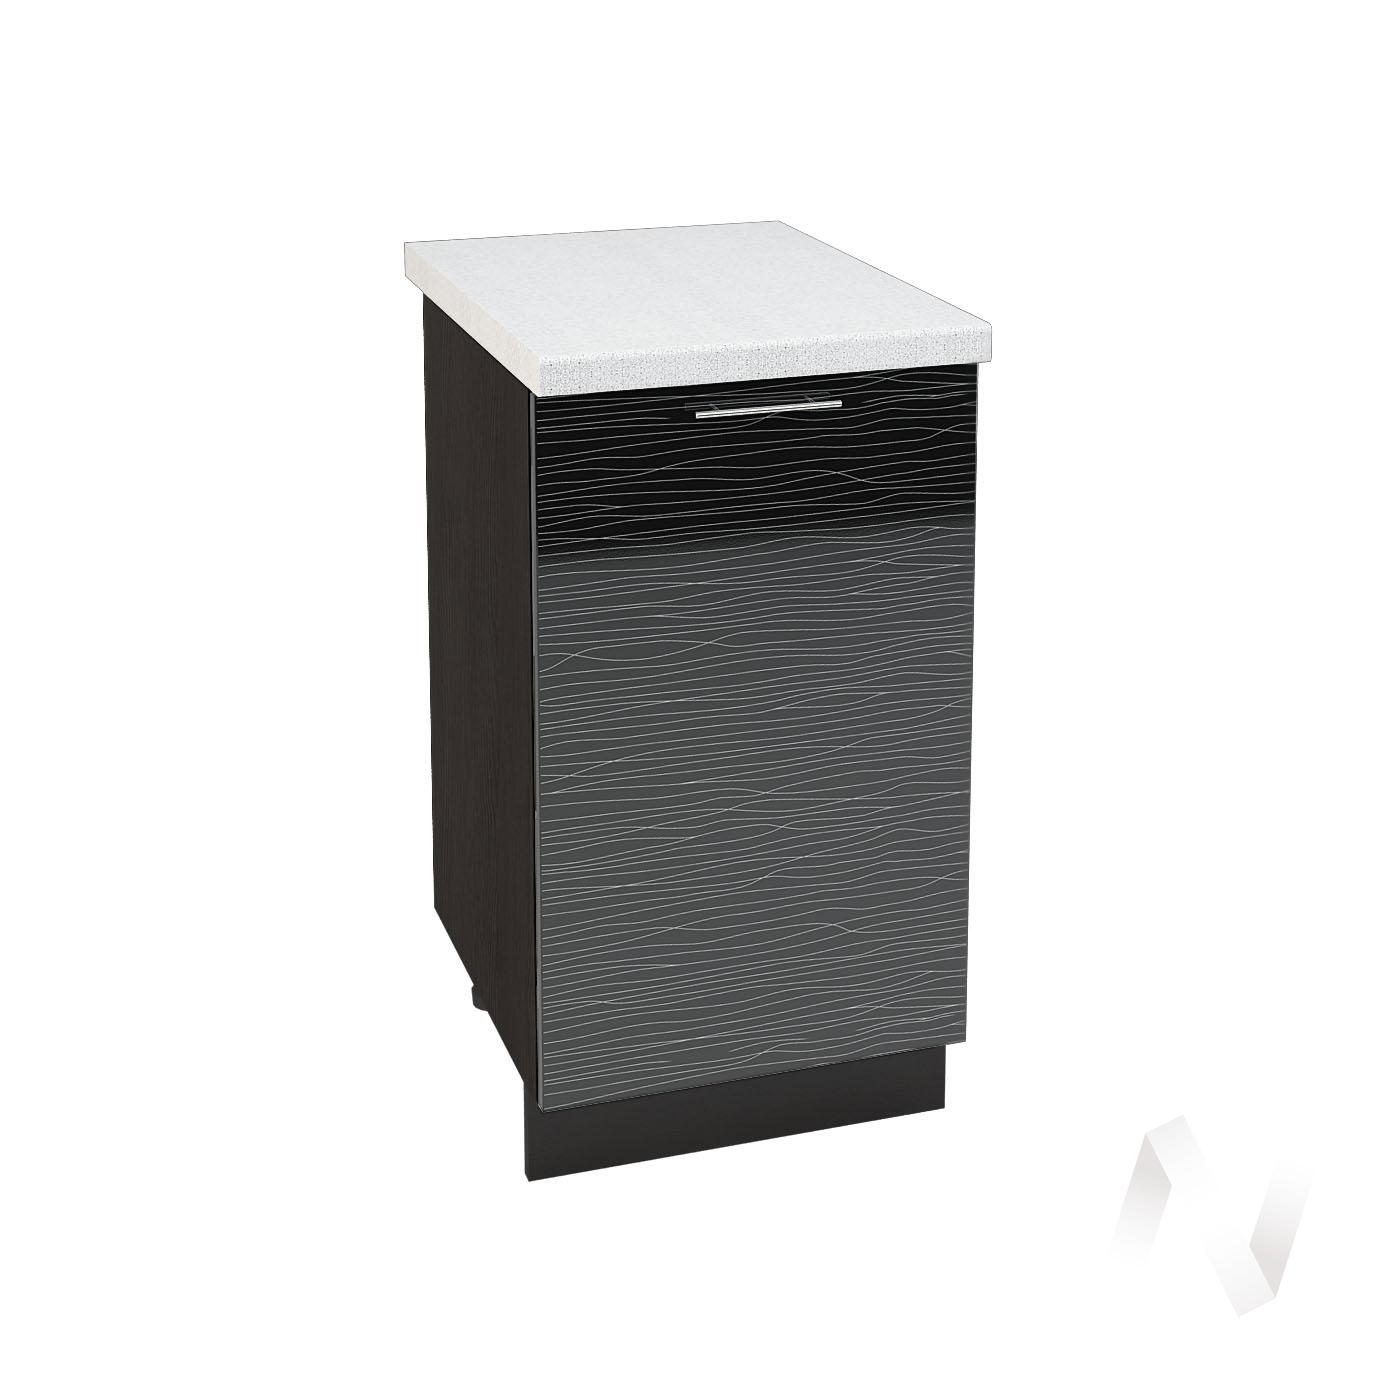 """Кухня """"Валерия-М"""": Шкаф нижний 450, ШН 450 (Страйп черный/корпус венге)"""